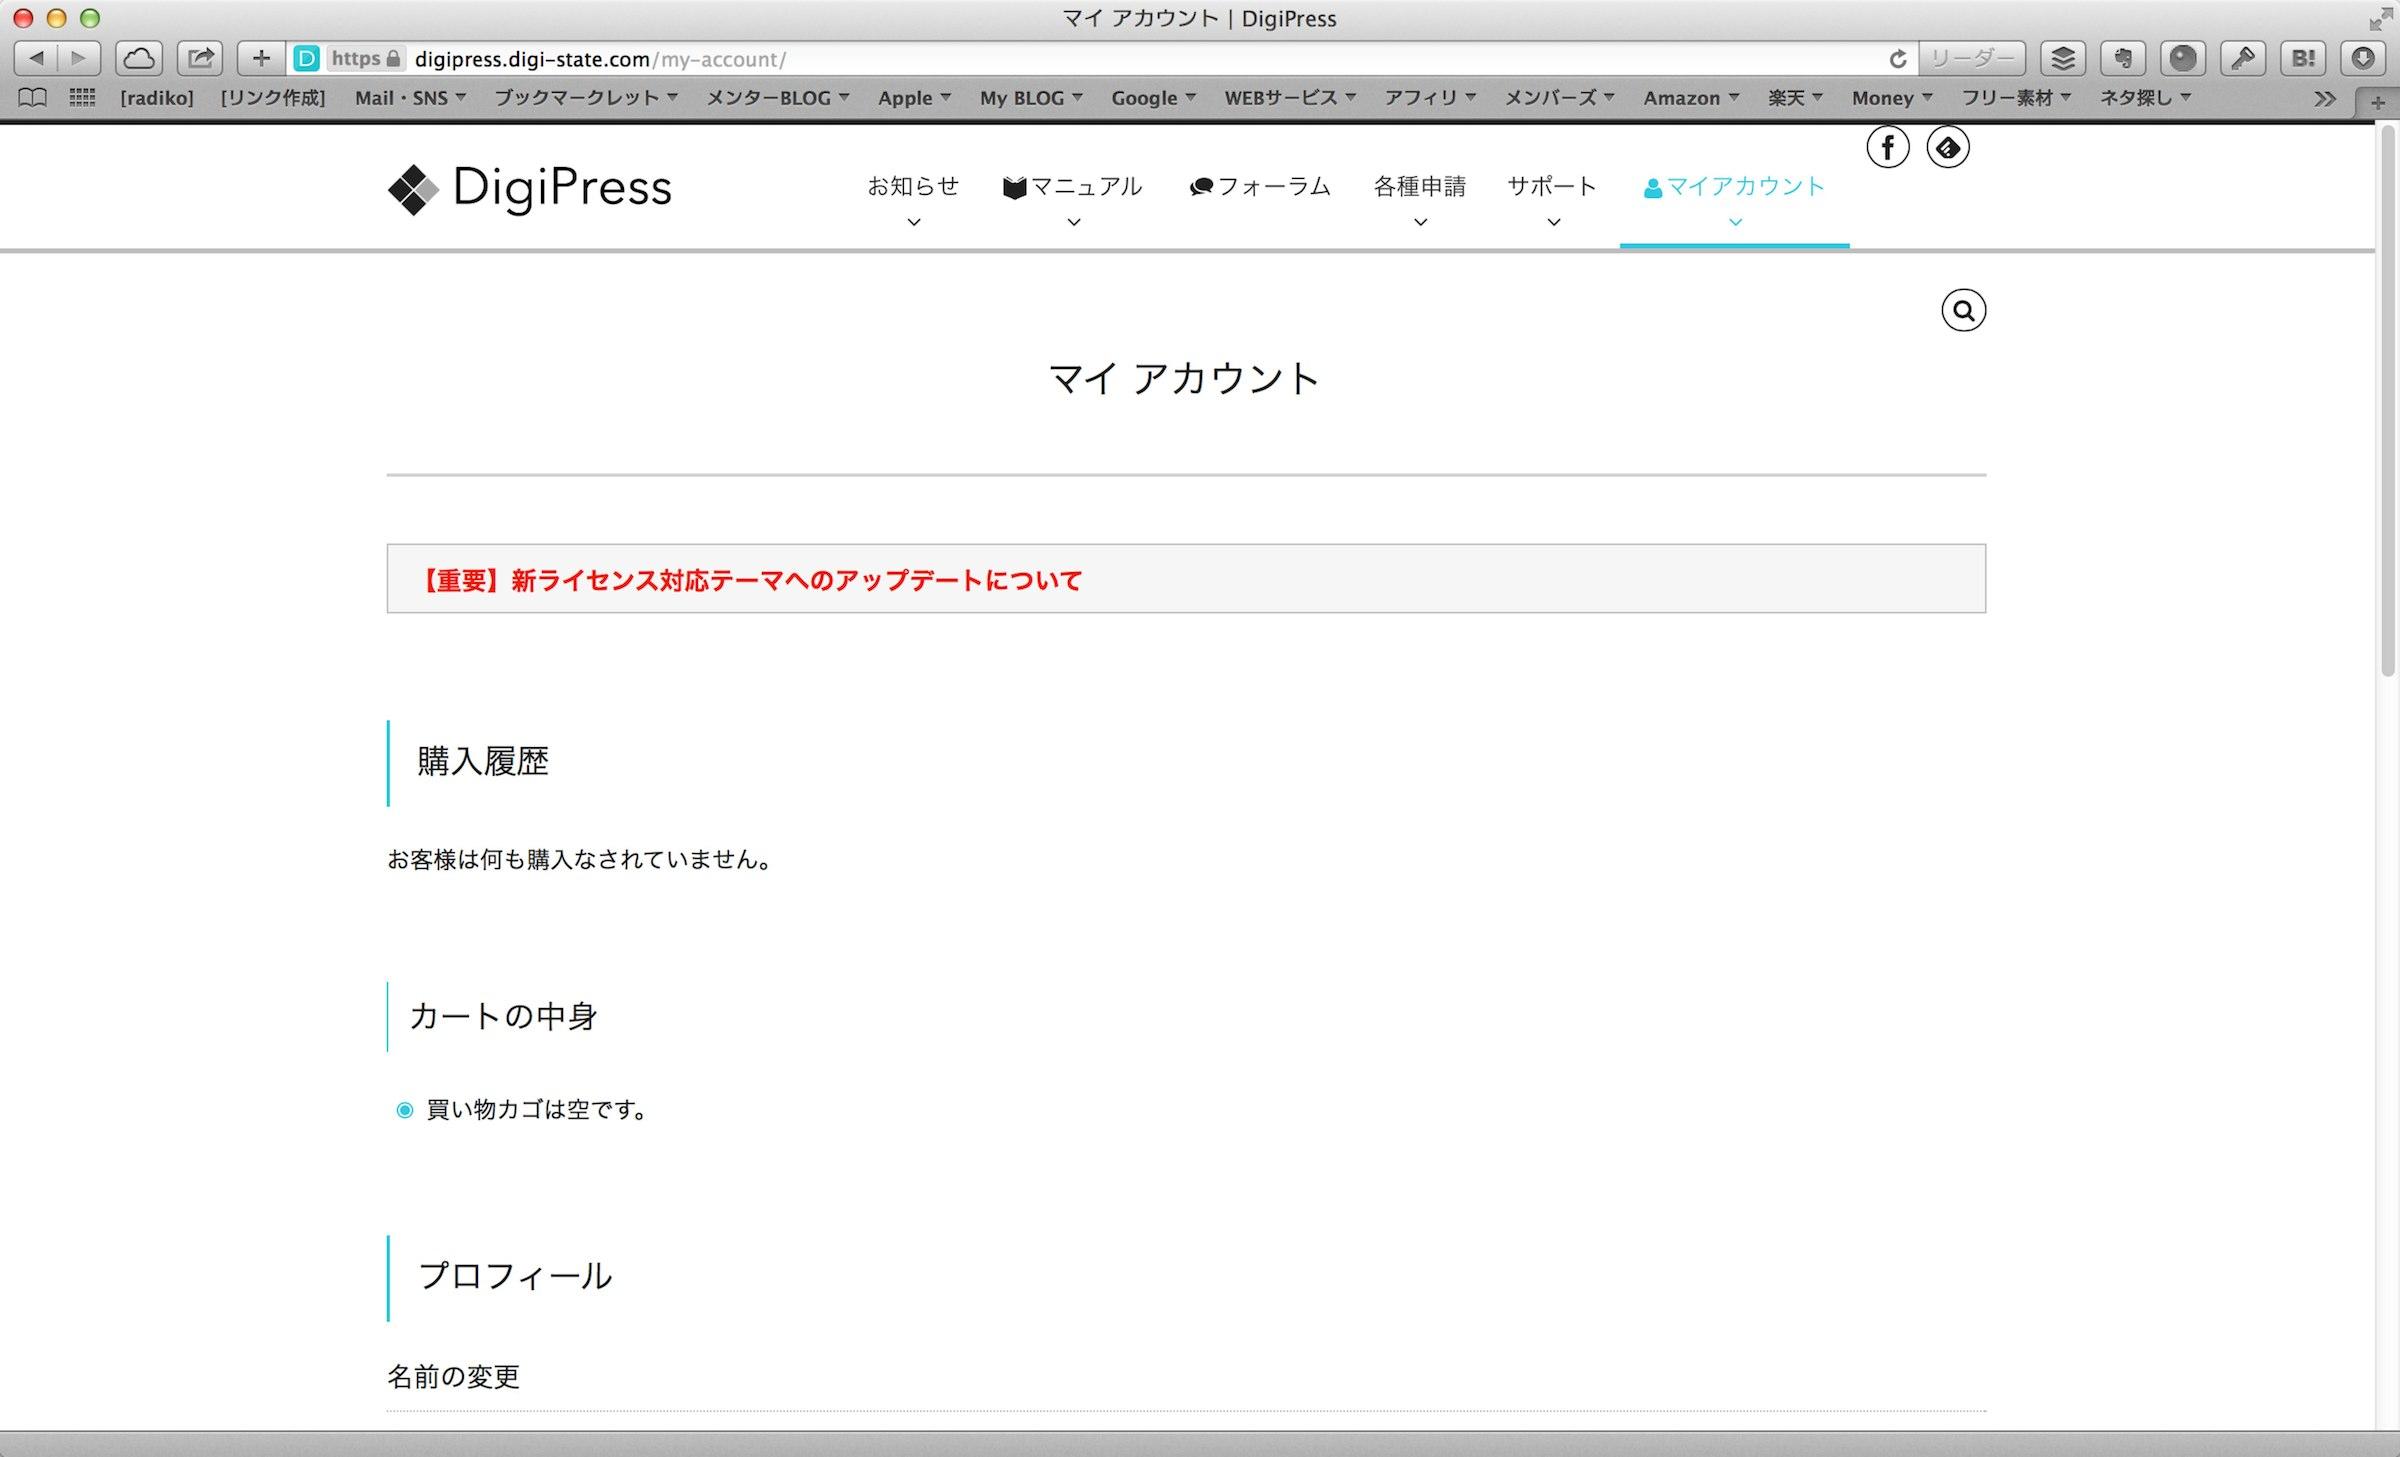 マイ アカウント | DigiPress